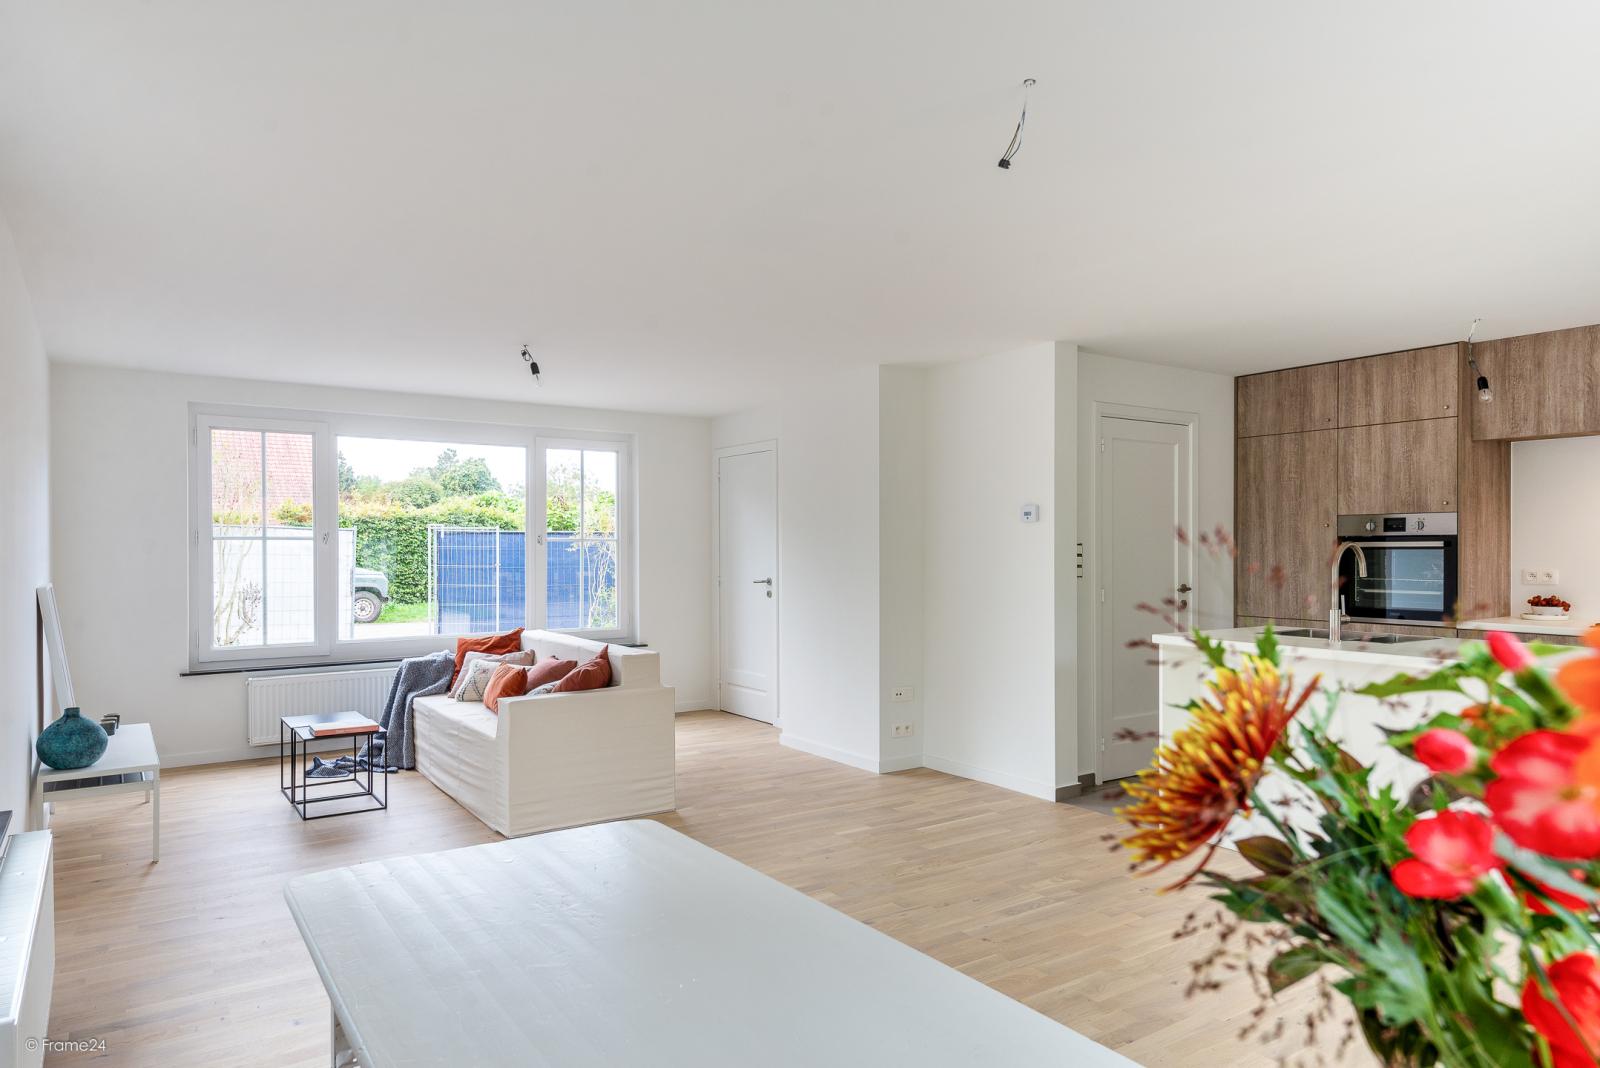 Volledig vernieuwde vrijstaande woning met drie slaapkamers op een hoekperceel van 776 m² te Schilde! afbeelding 3